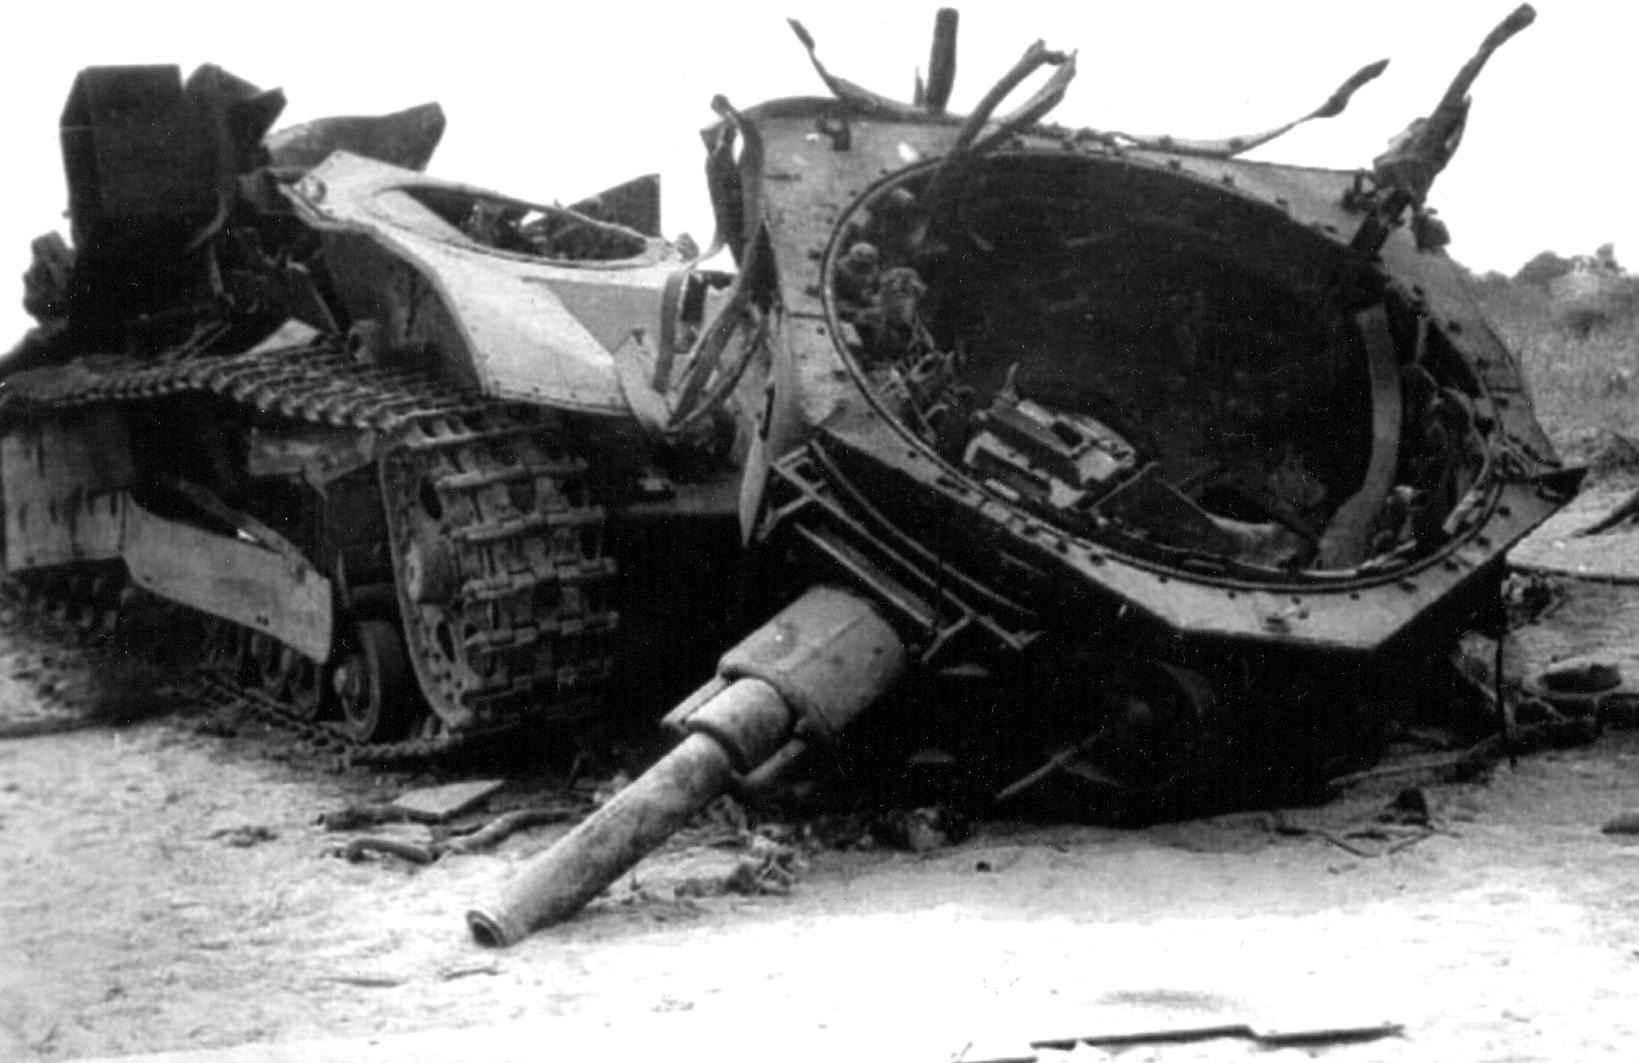 Советский танк, взорванный самим экипажем